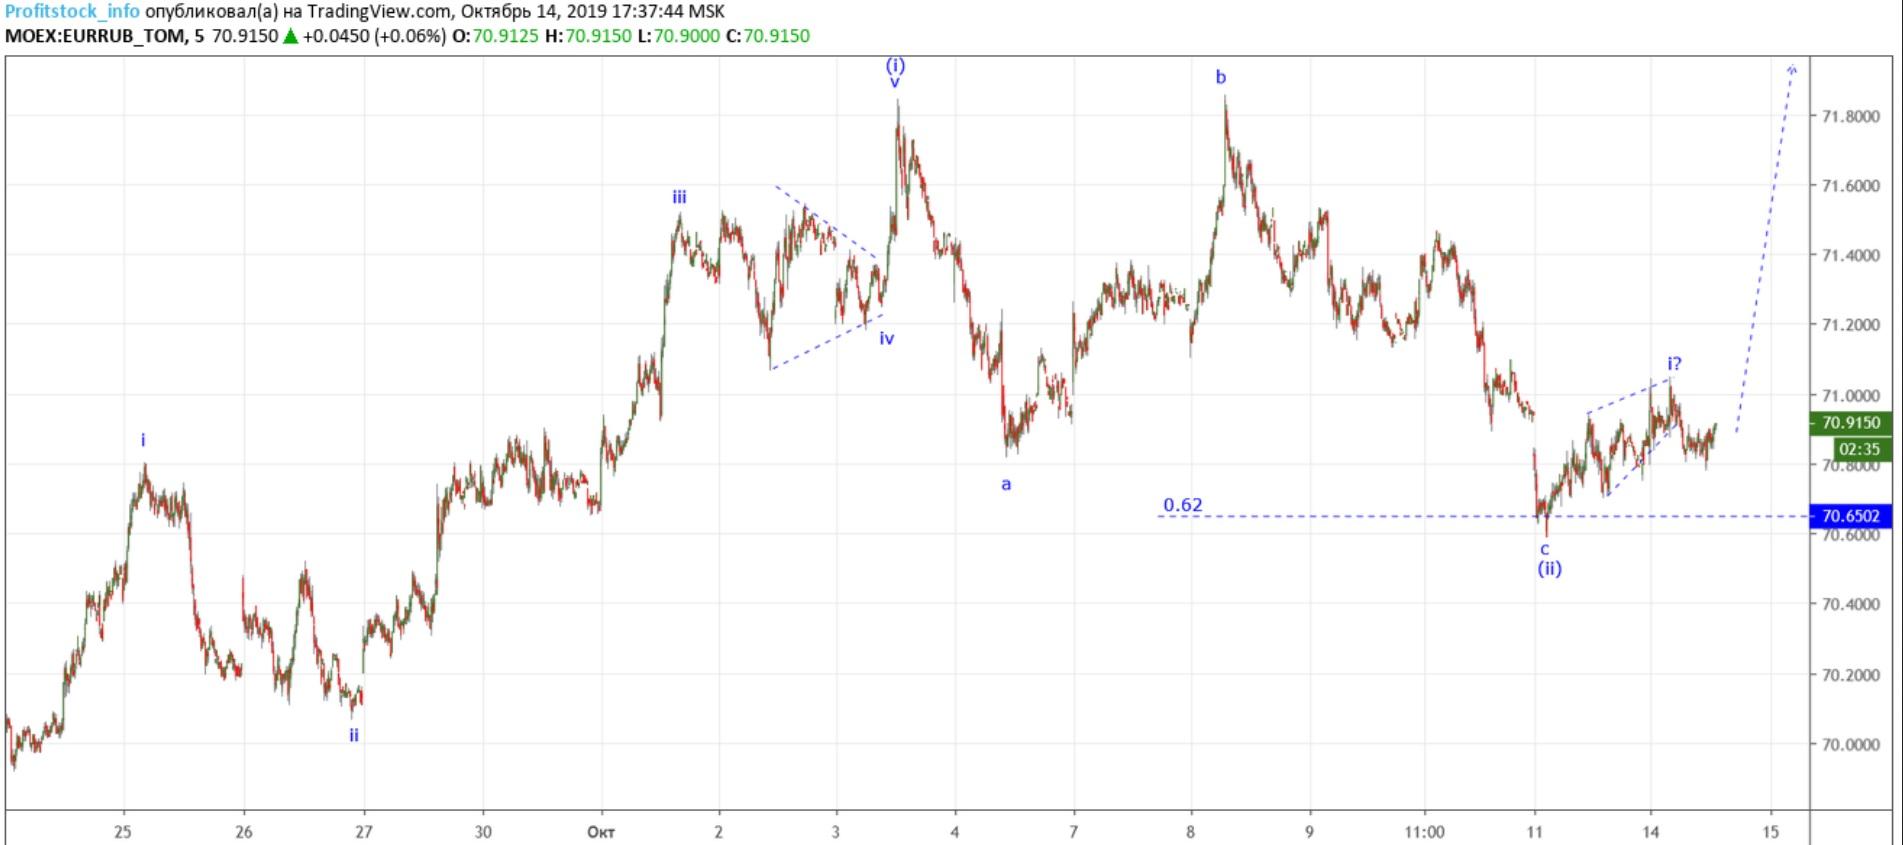 EURRUB (14.10.19)